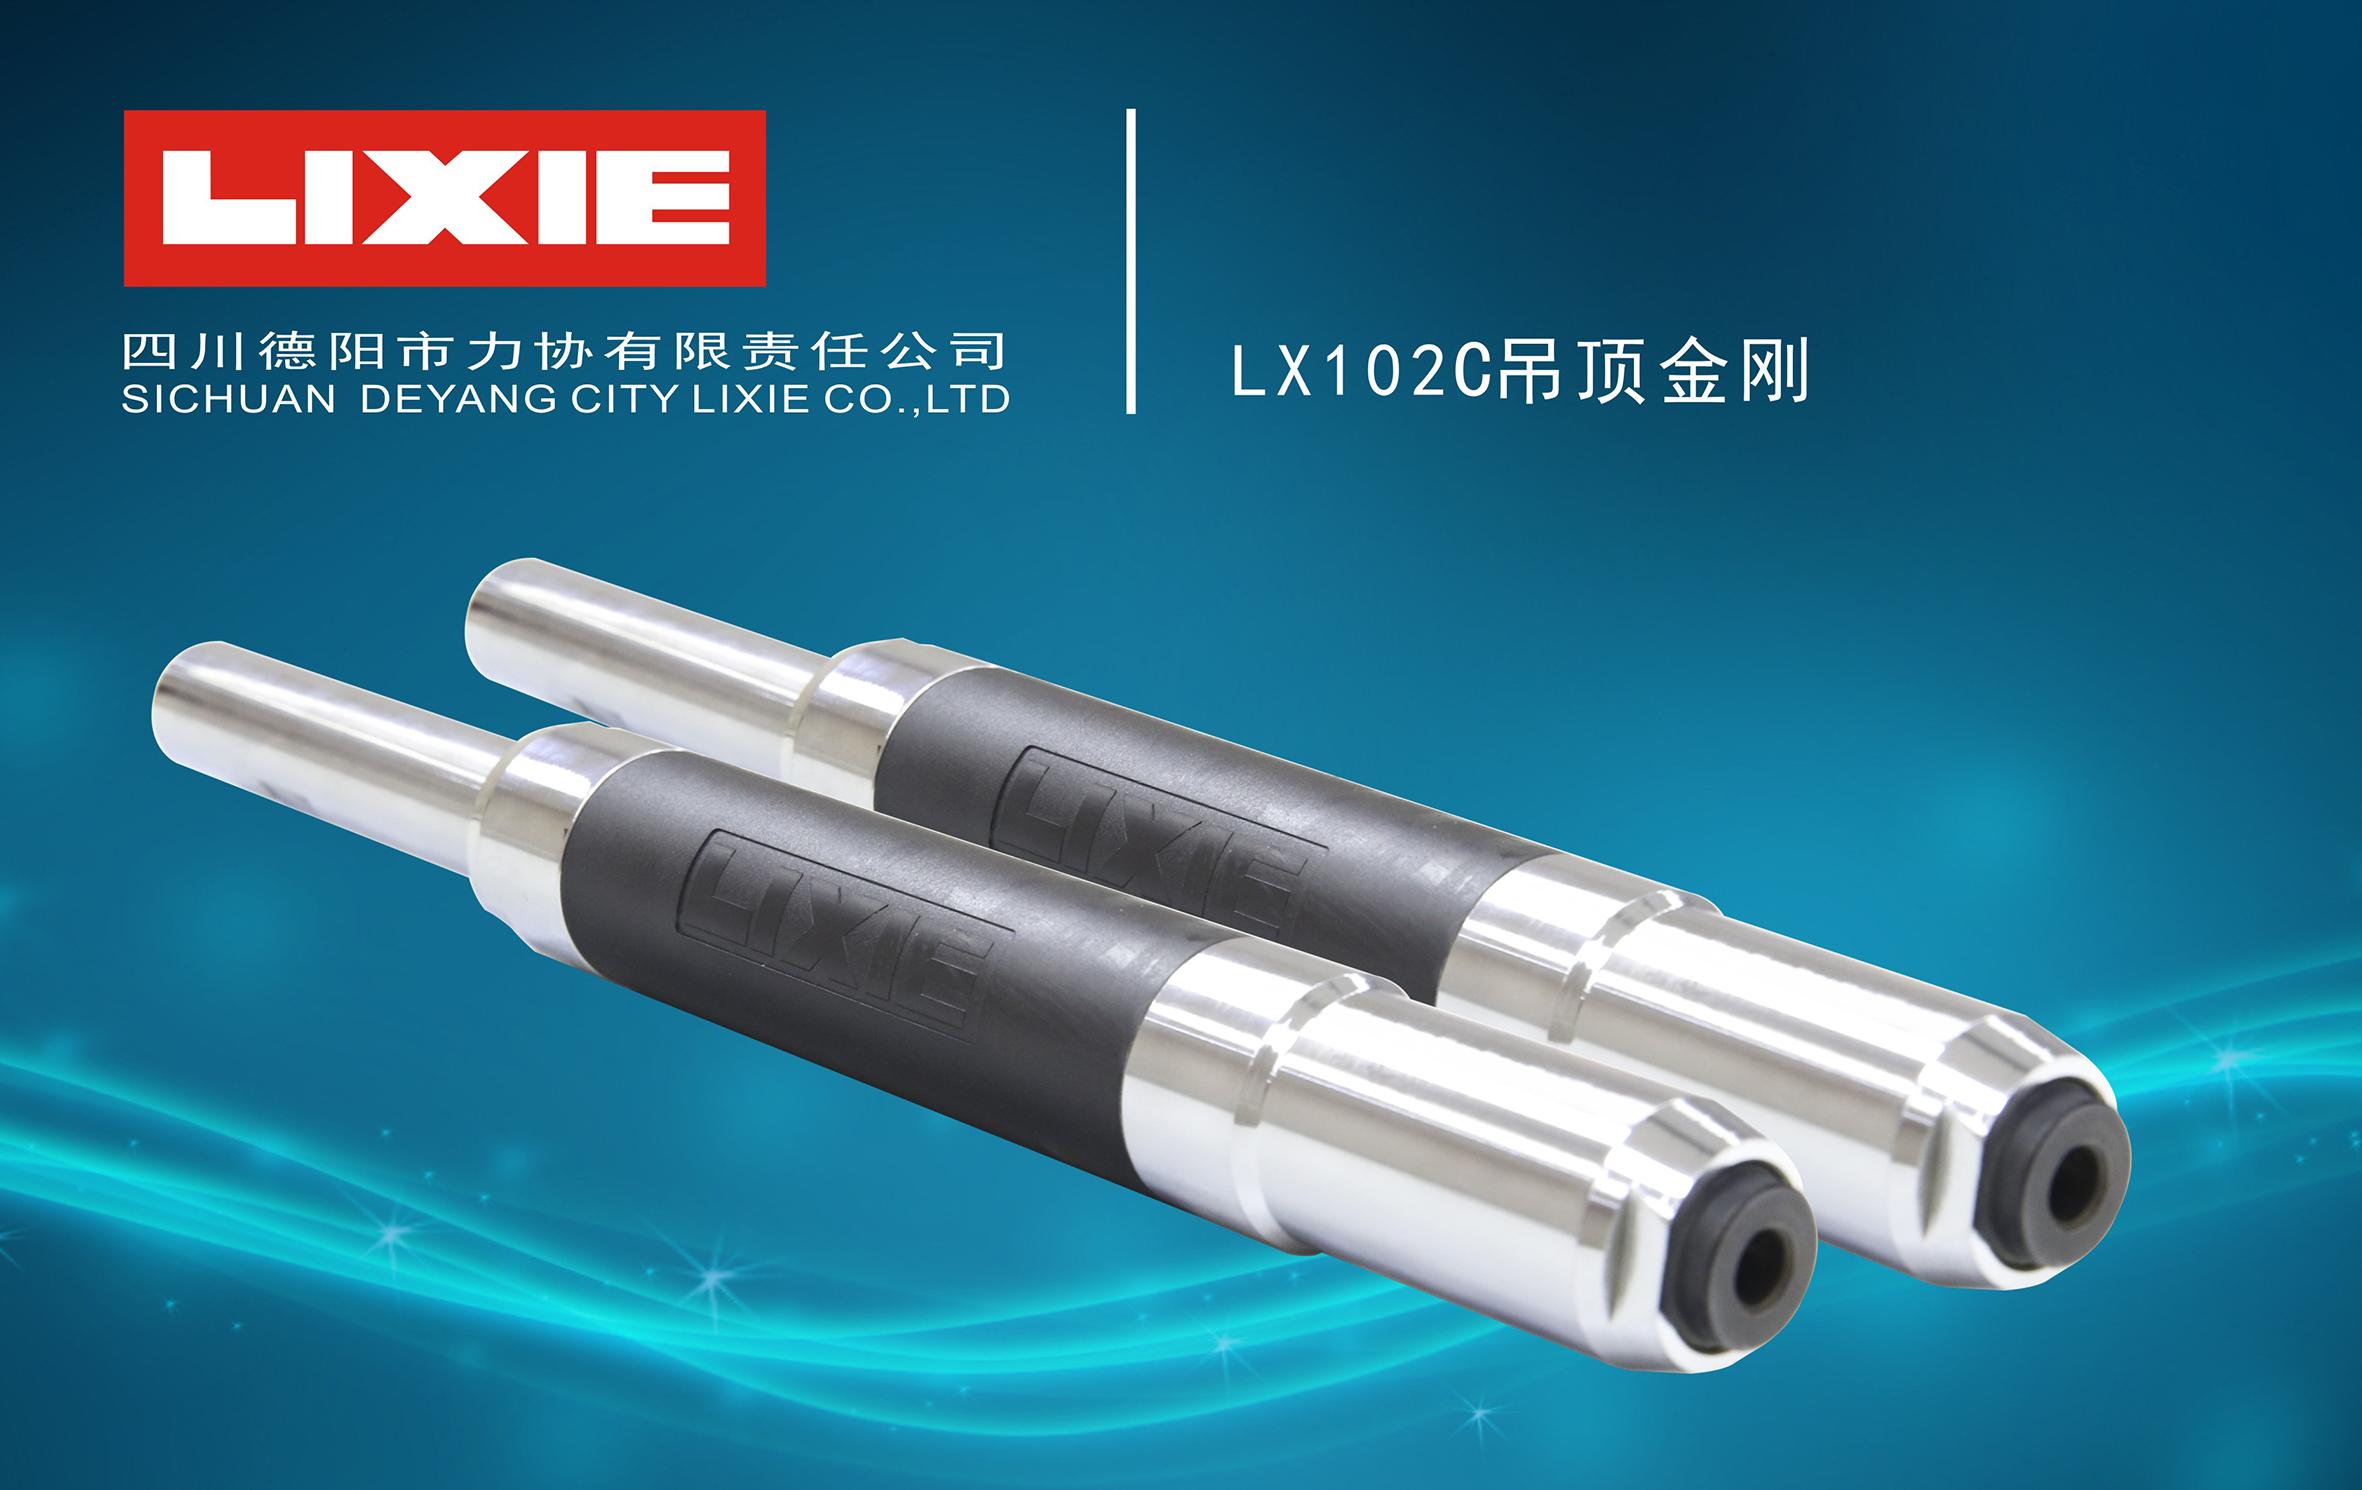 LX102C